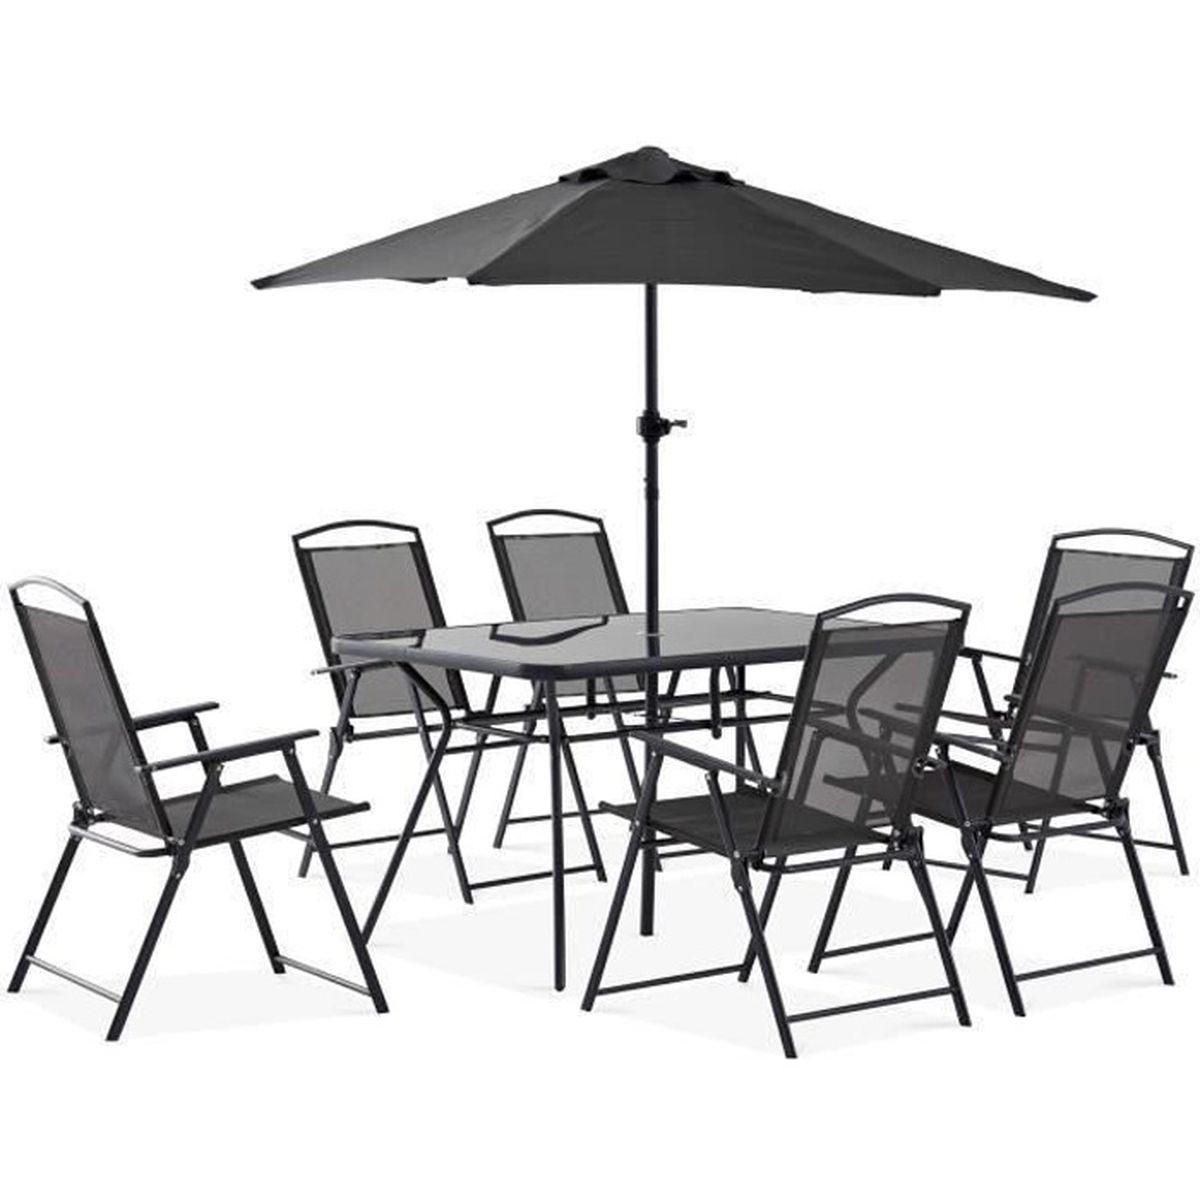 ca4b04d1b6 Table et chaises de jardin 6 personnes + parasol - Achat / Vente ...